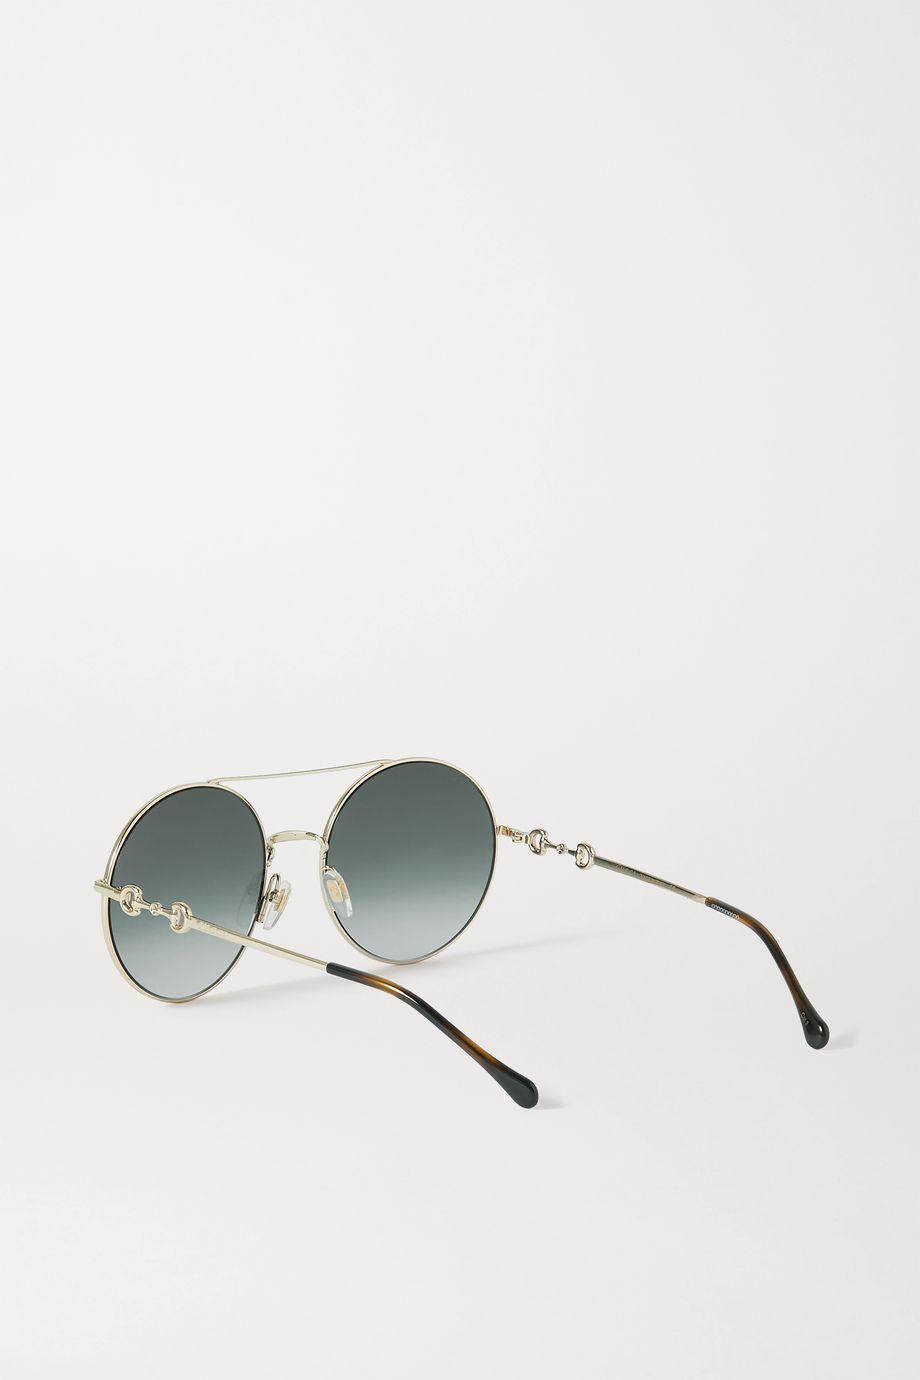 Gucci Goldfarbene Sonnenbrille mit rundem Rahmen